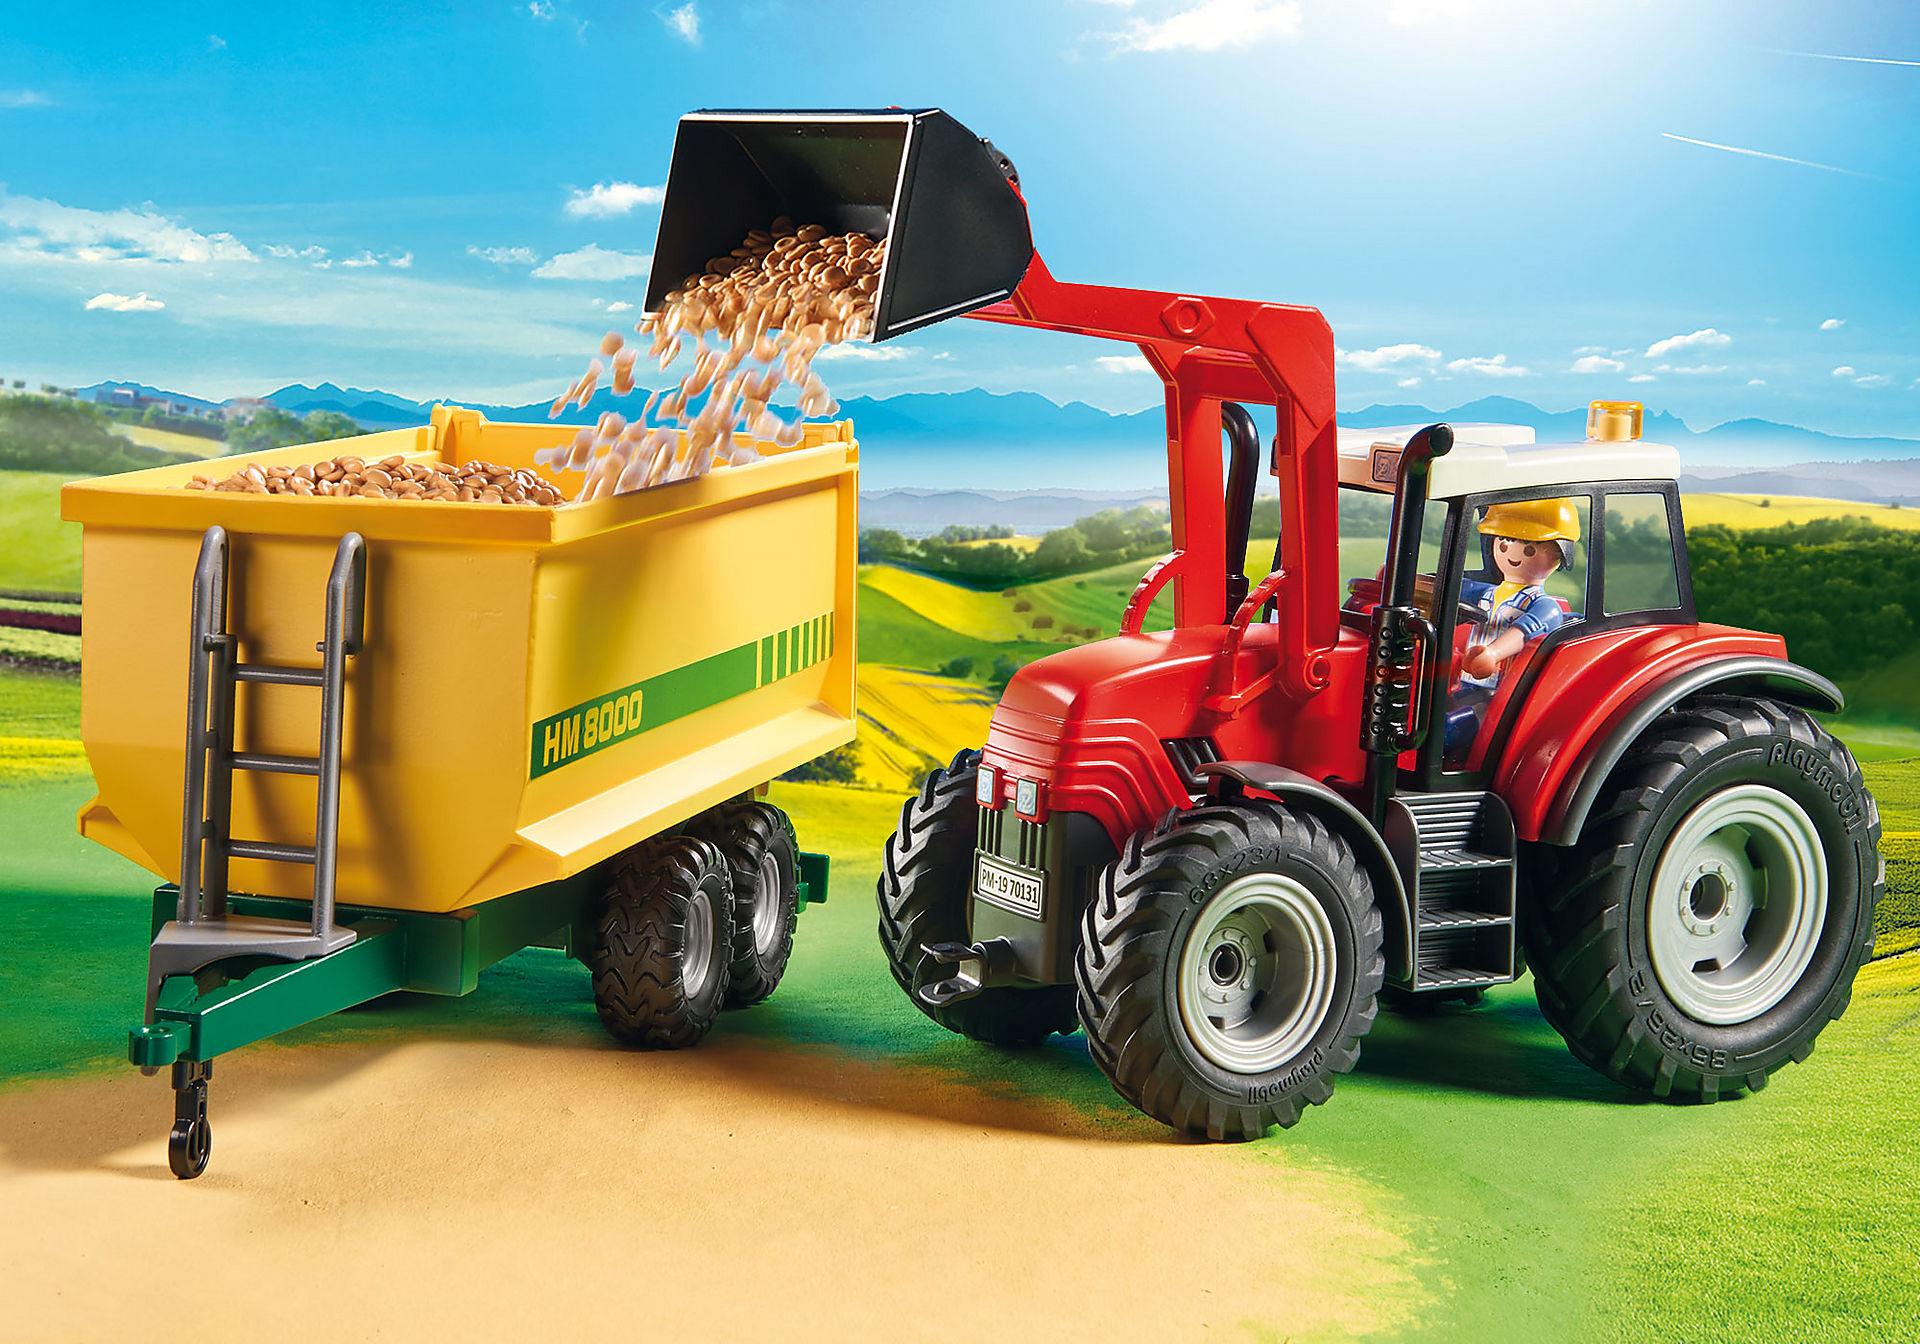 http://media.playmobil.com/i/playmobil/70131_product_extra3/Grote tractor met aanhangwagen